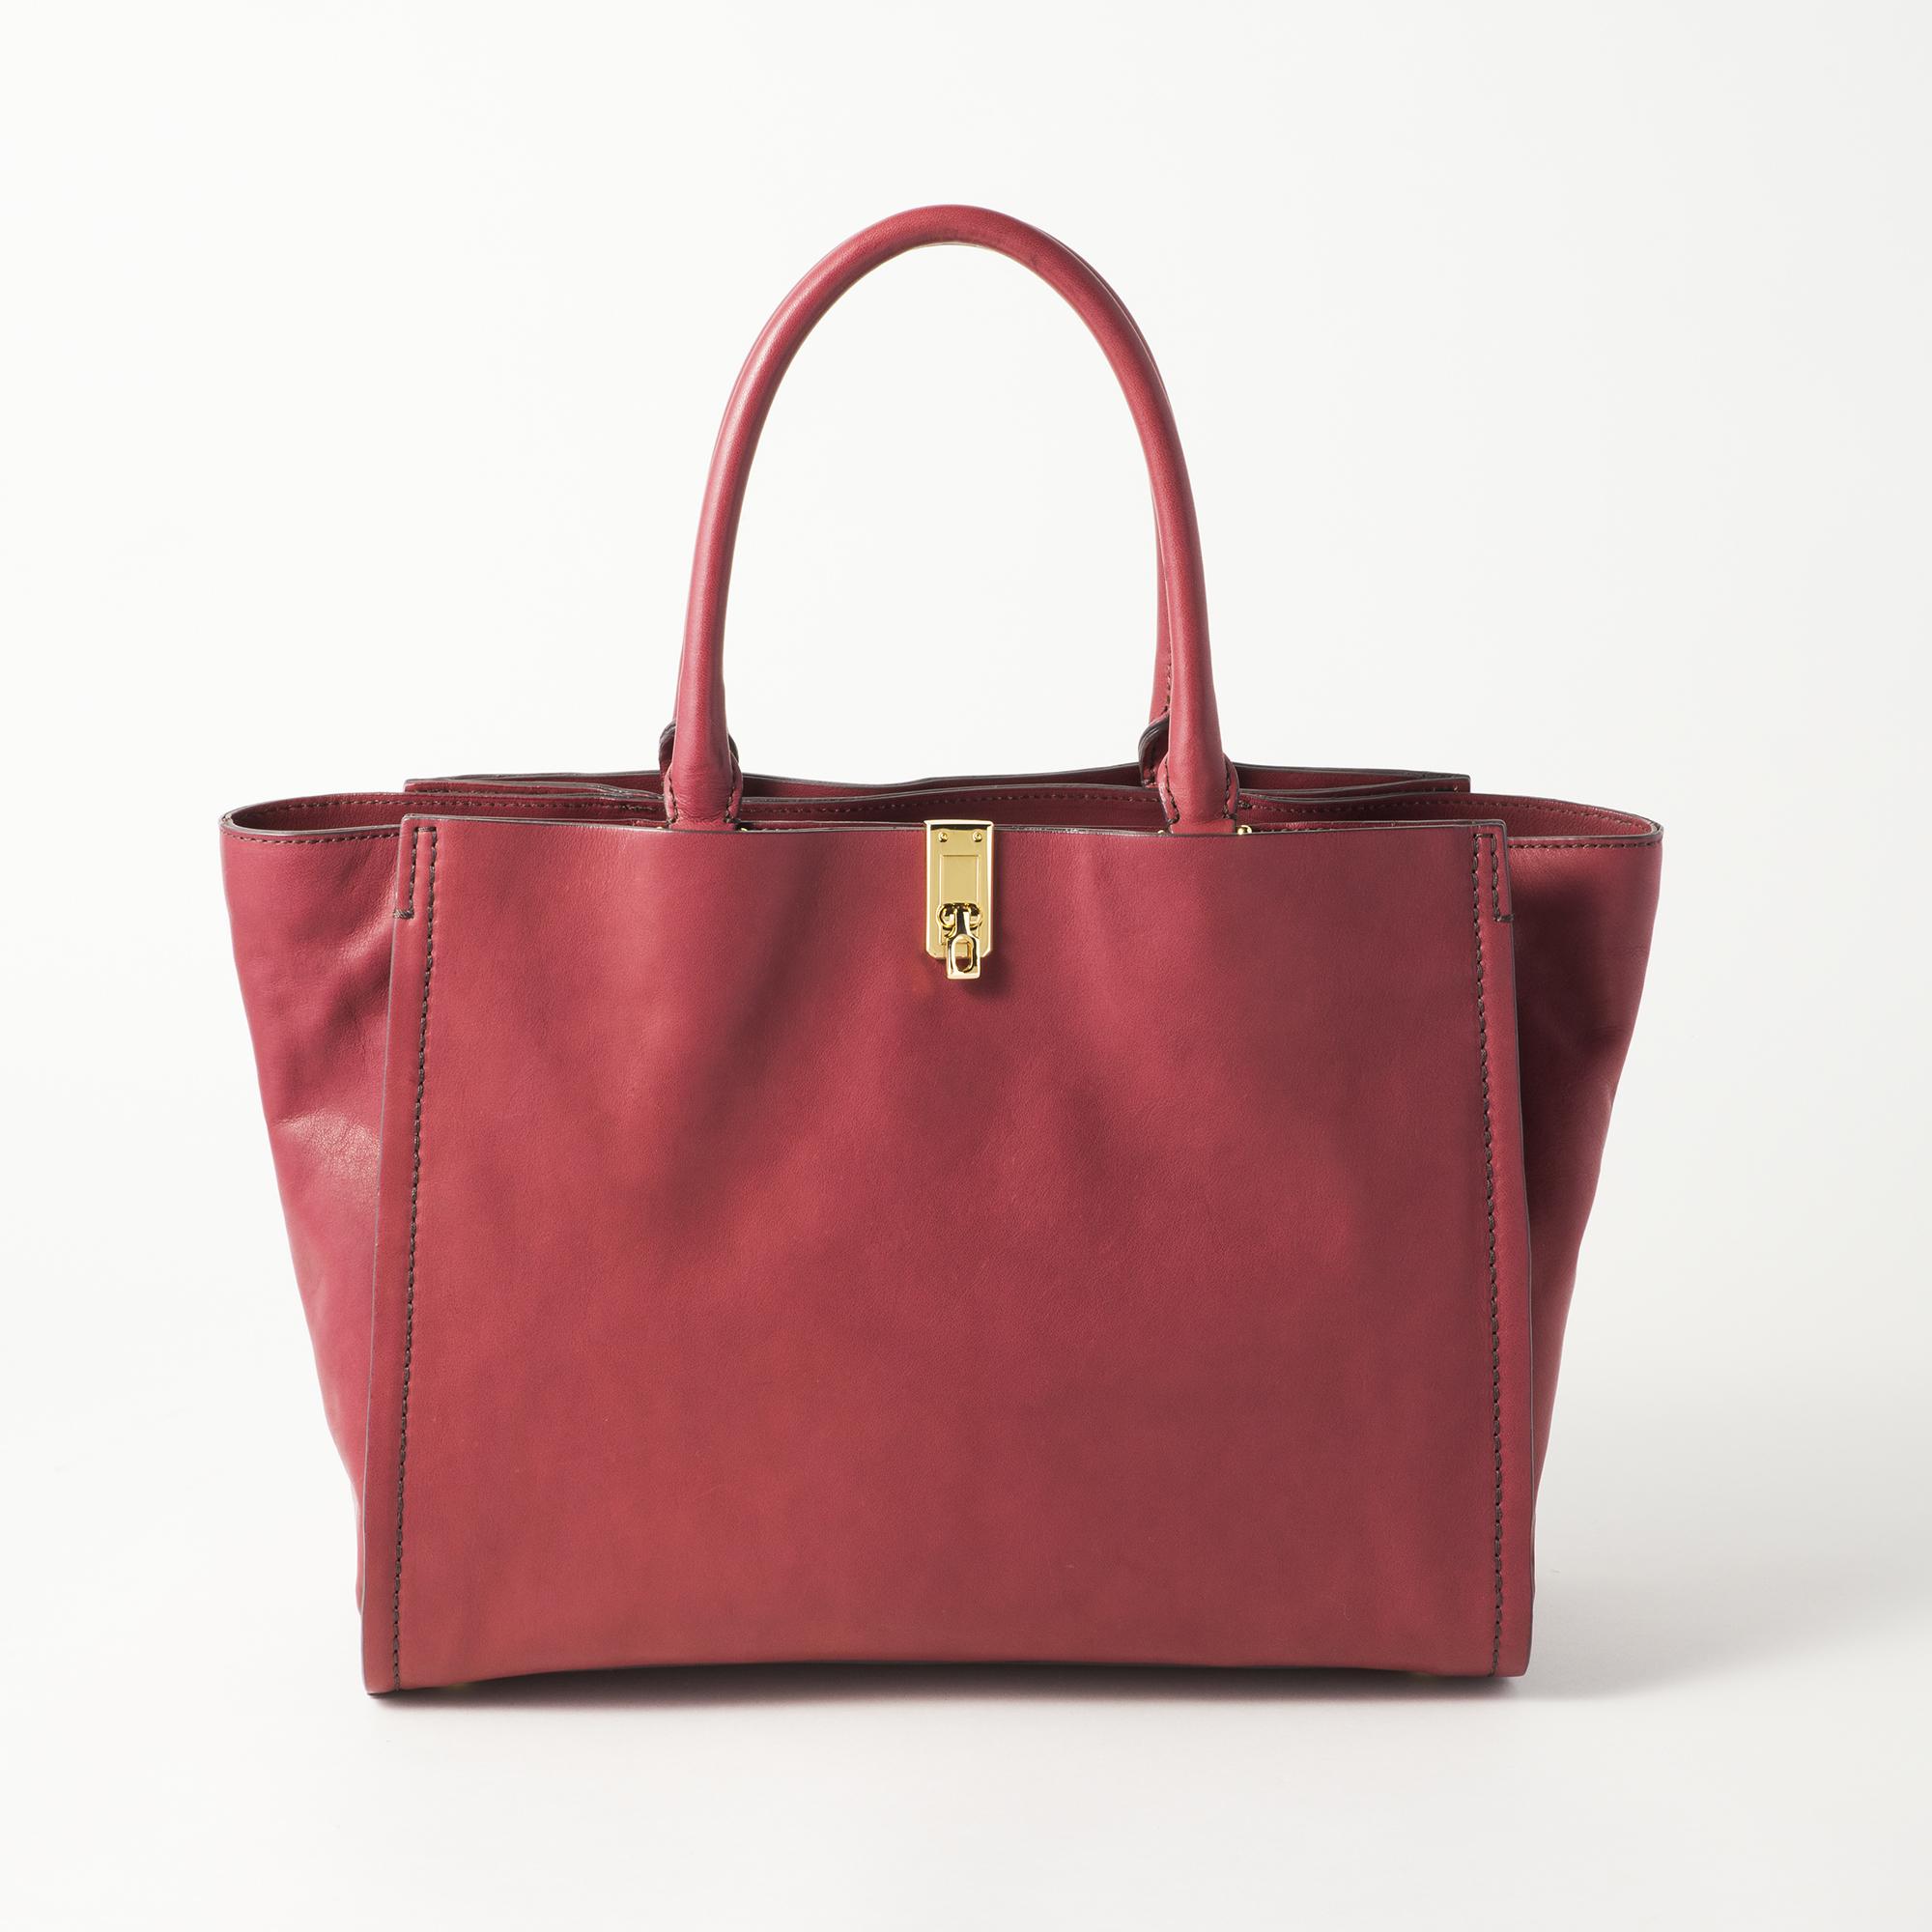 【応募終了】通勤に使いやすいSAZABYのバッグを3名様に!「大人の名品」プレゼント_1_2